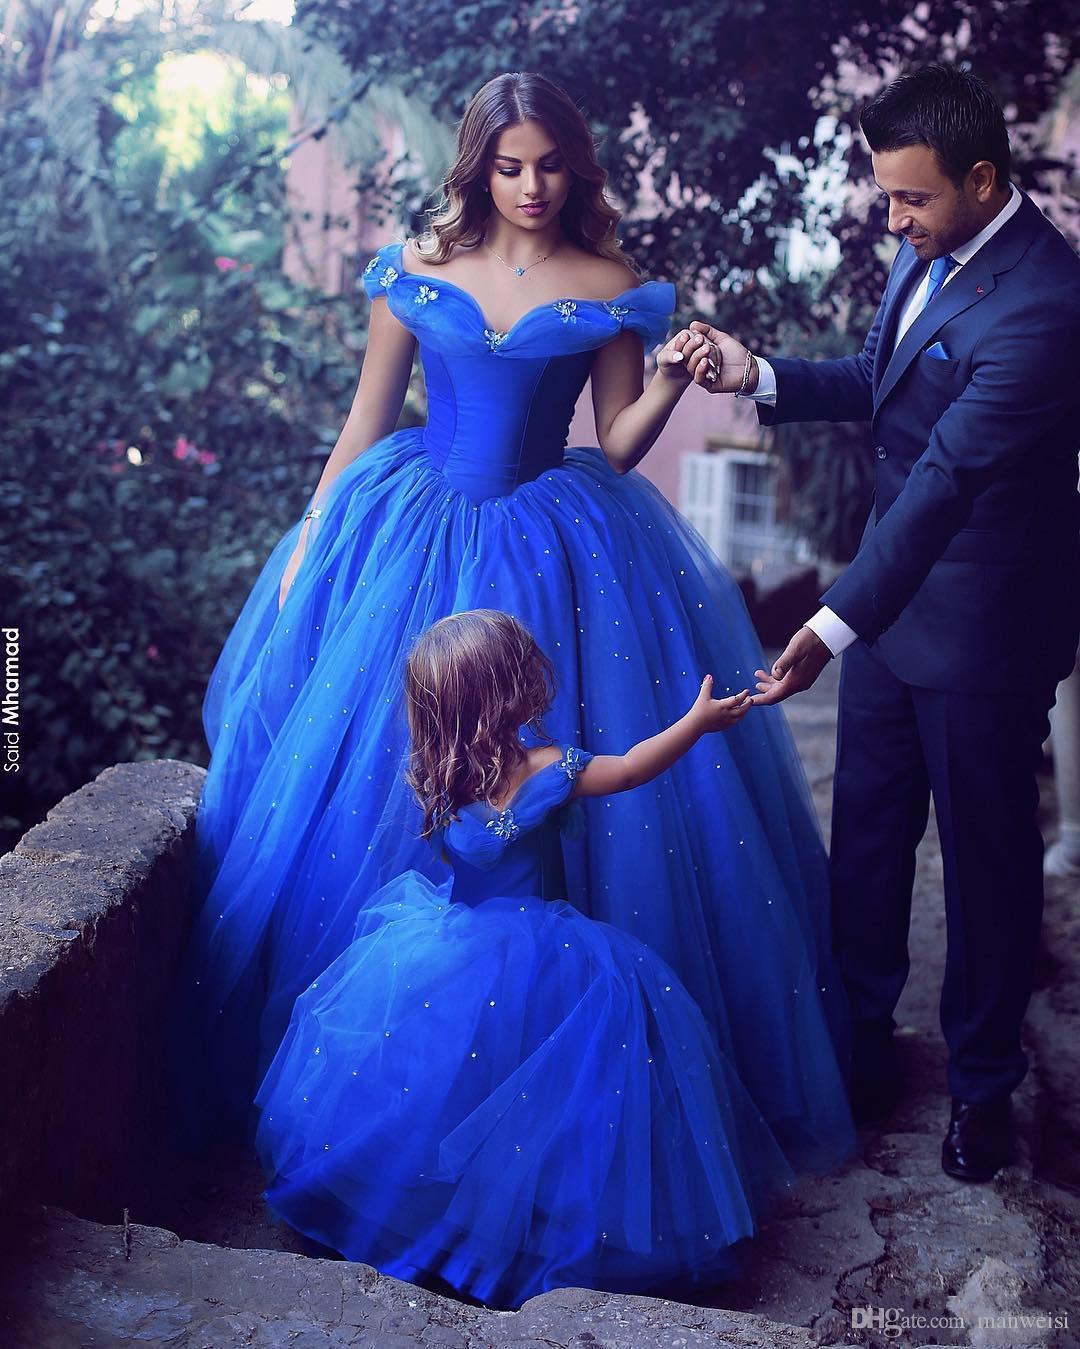 Külkedisi Kraliyet Mavi Gelinlik Modelleri Balo Kapalı Omuz Boncuk Kelebek Aplike Örgün Abiye giyim Artı Boyutu Özel Durum Elbise